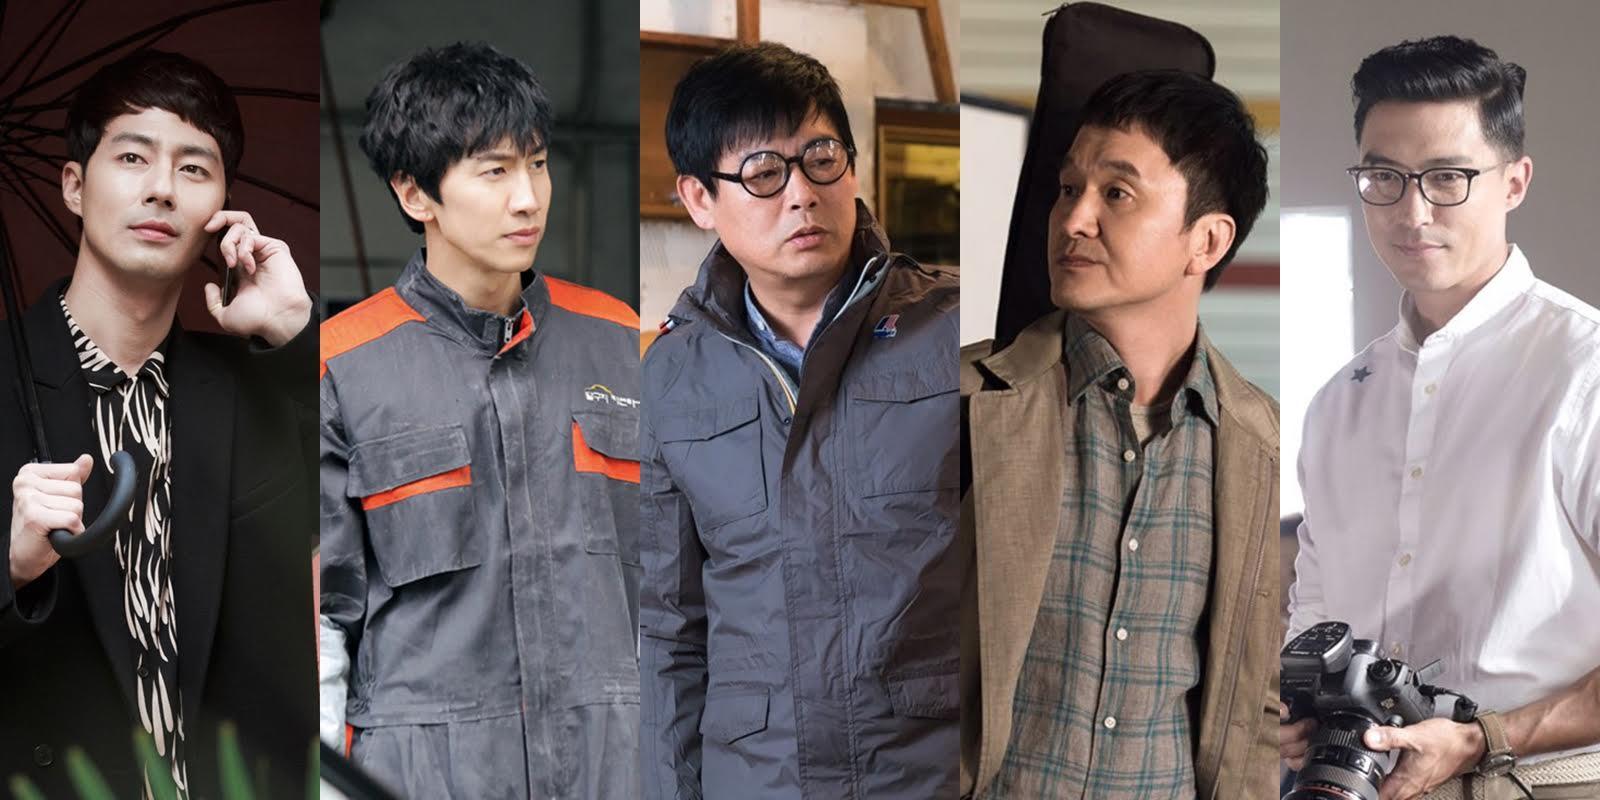 趙寅成、李光洙、成東日等人客串tvN新劇《Dear My Friends》